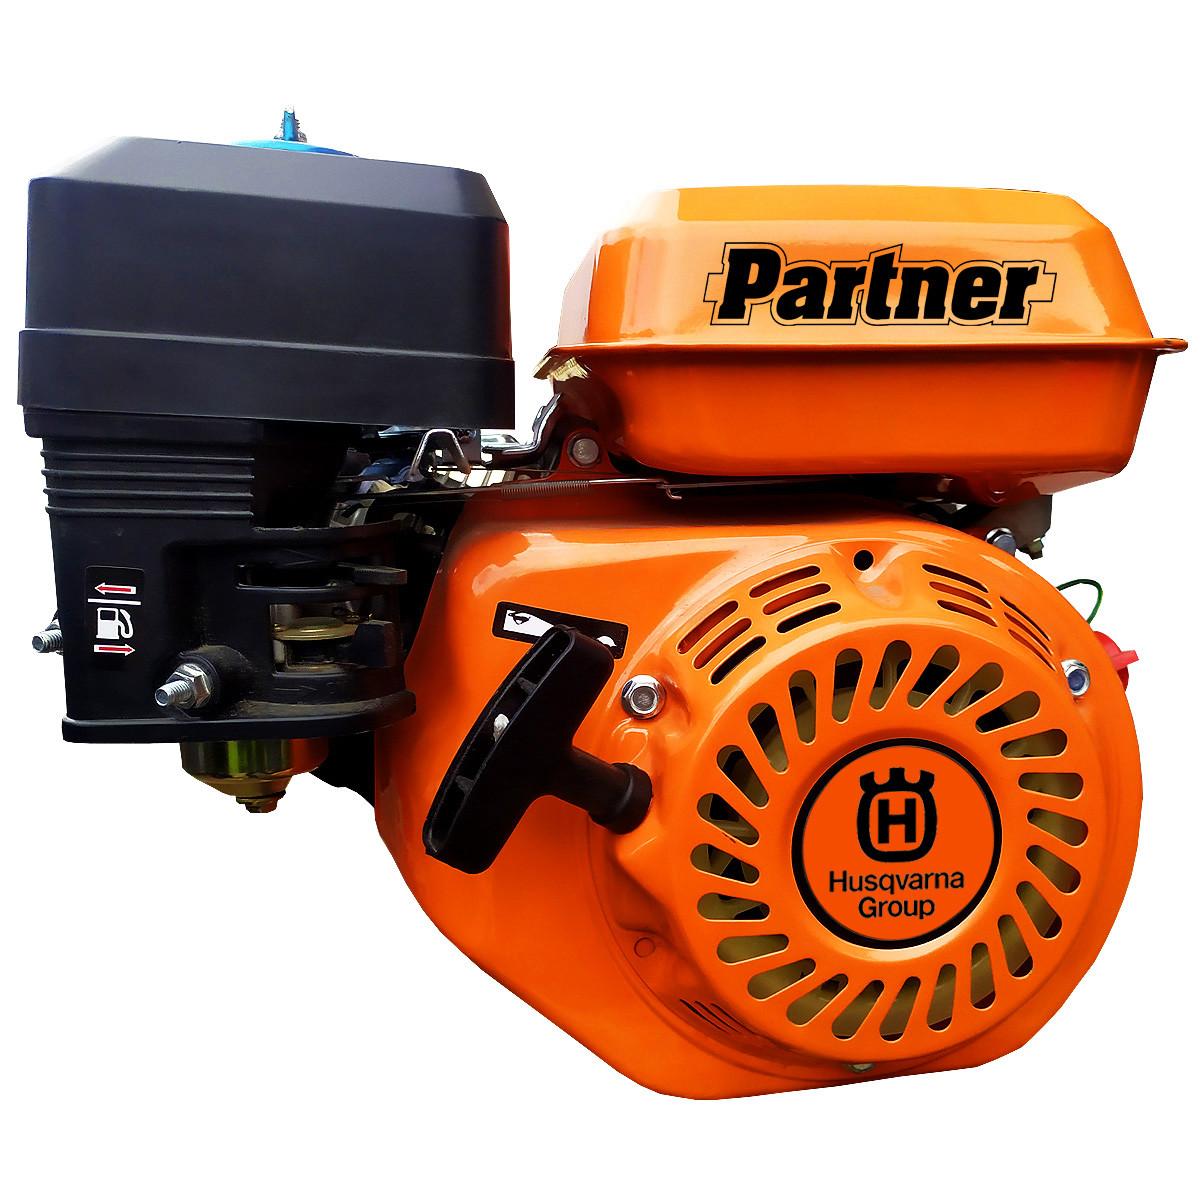 Двигатель бензиновый для Мотоблока Partner PX170/25 шлицевой Engine by Husqvarna SWEDEN (Гарантия 60 месяцев)